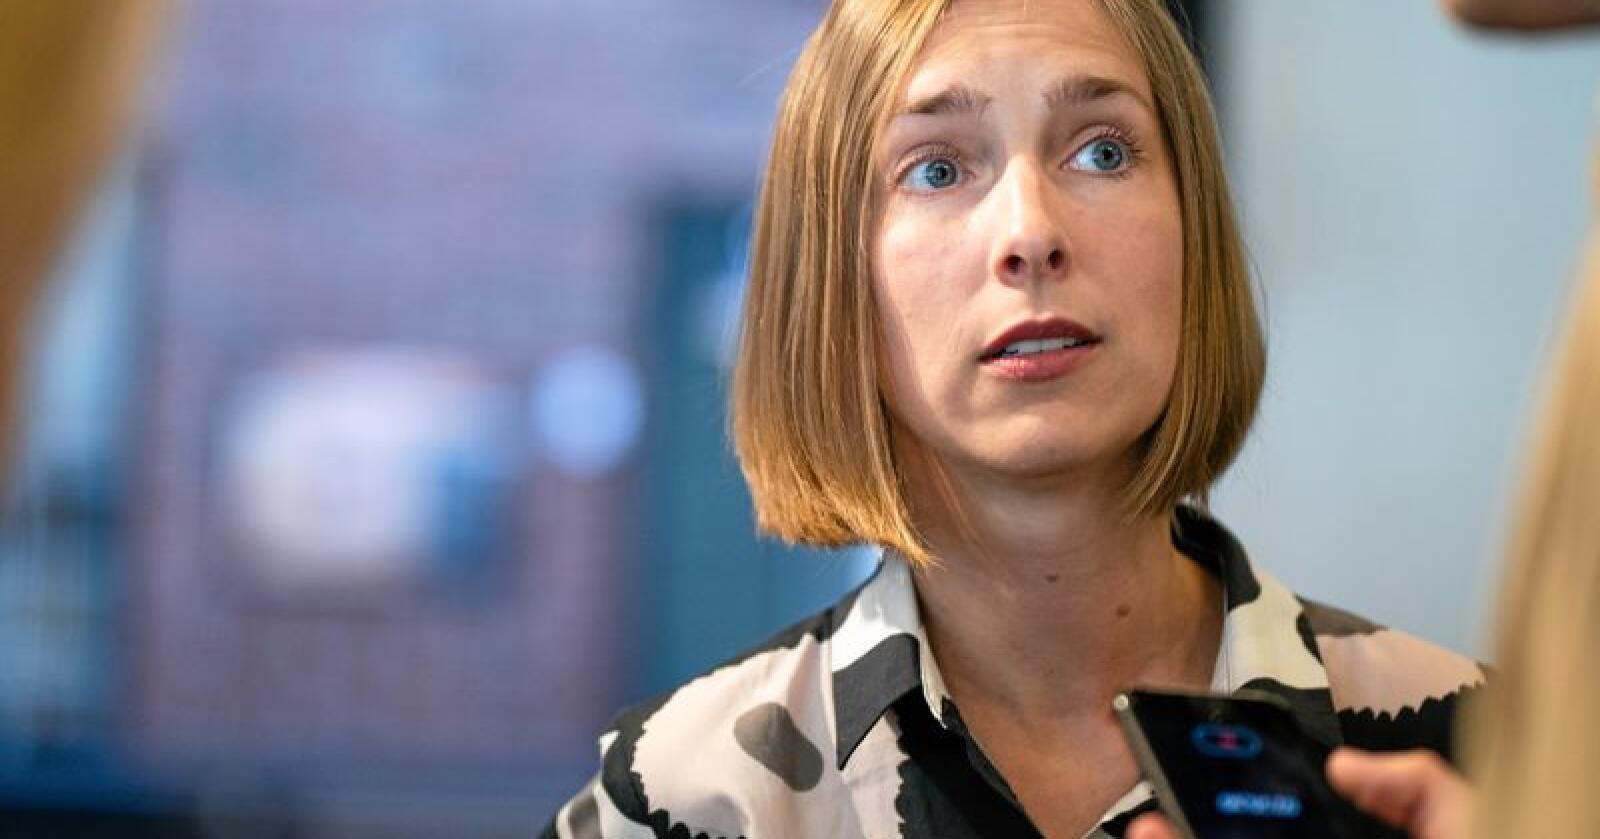 Forsknings- og høyere utdanningsminister Iselin Nybø (V). Foto: Audun Braastad/NTB scanpix